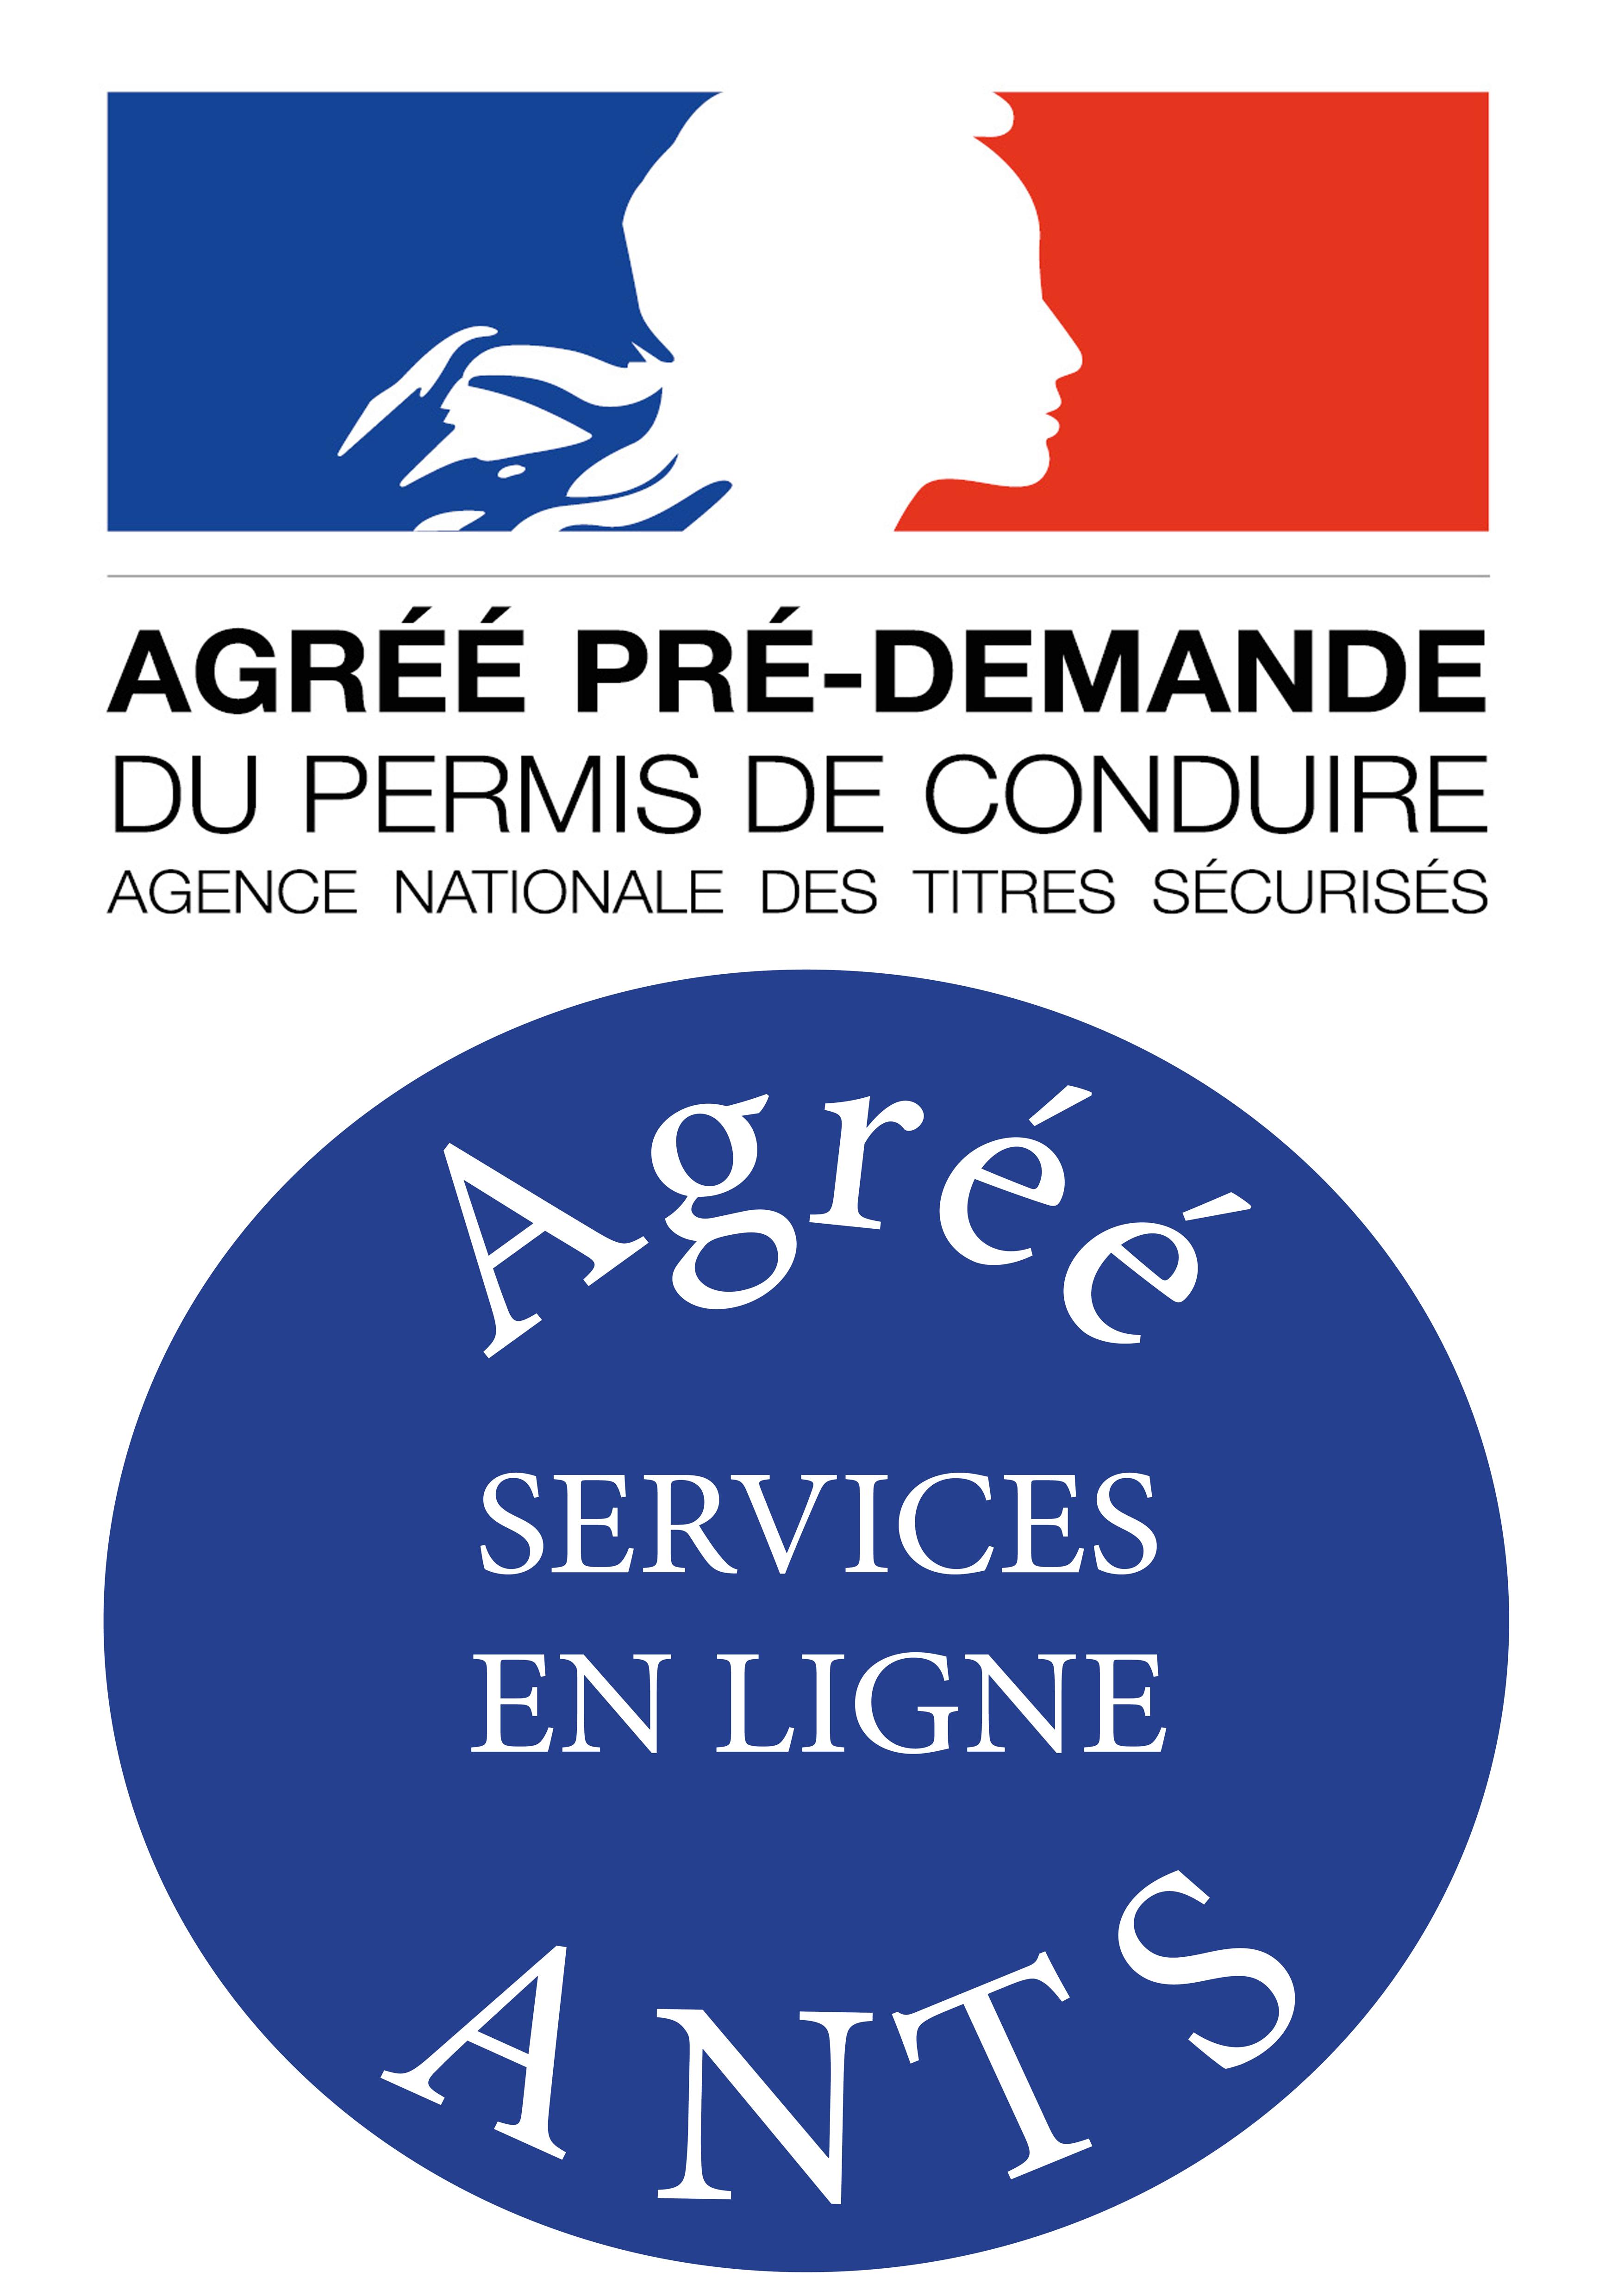 ANTS_AFFICHE_A3_magasin_agréé